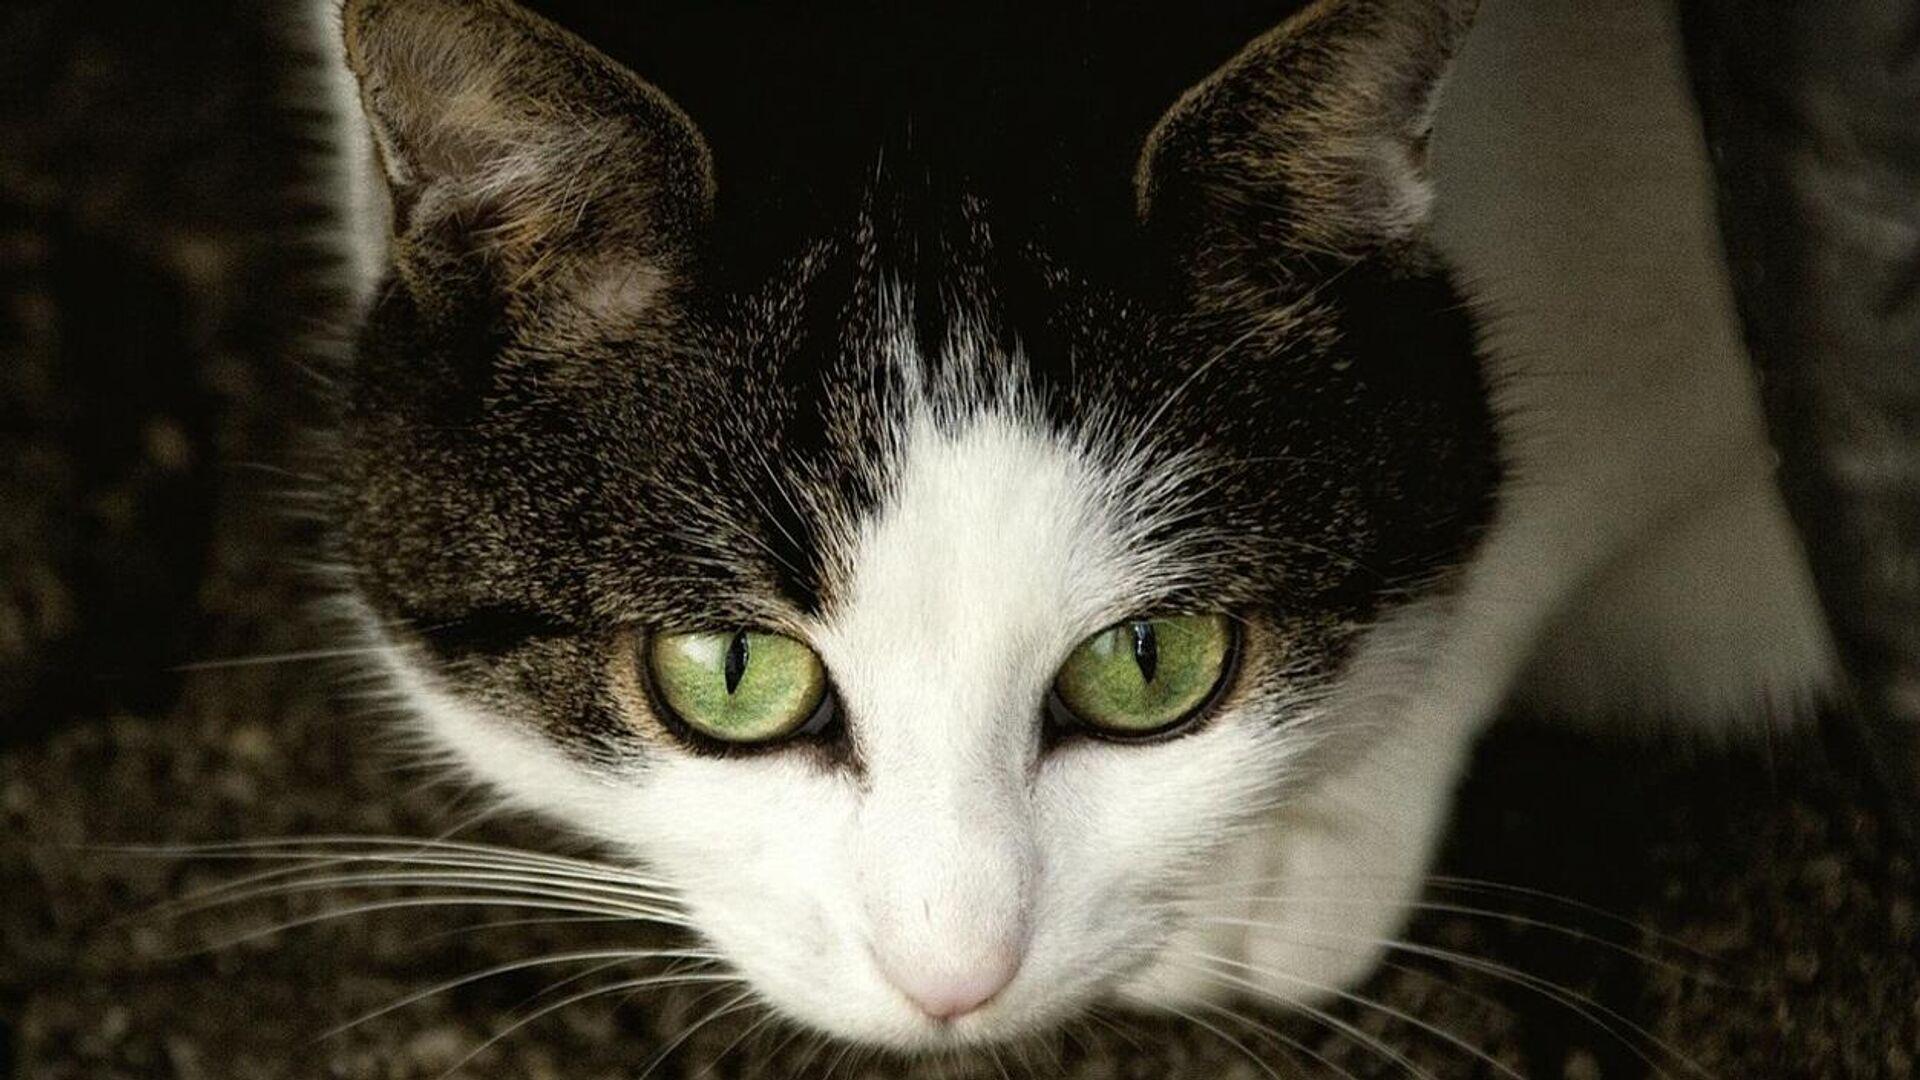 Un gato, foto de archivo - Sputnik Mundo, 1920, 12.09.2021